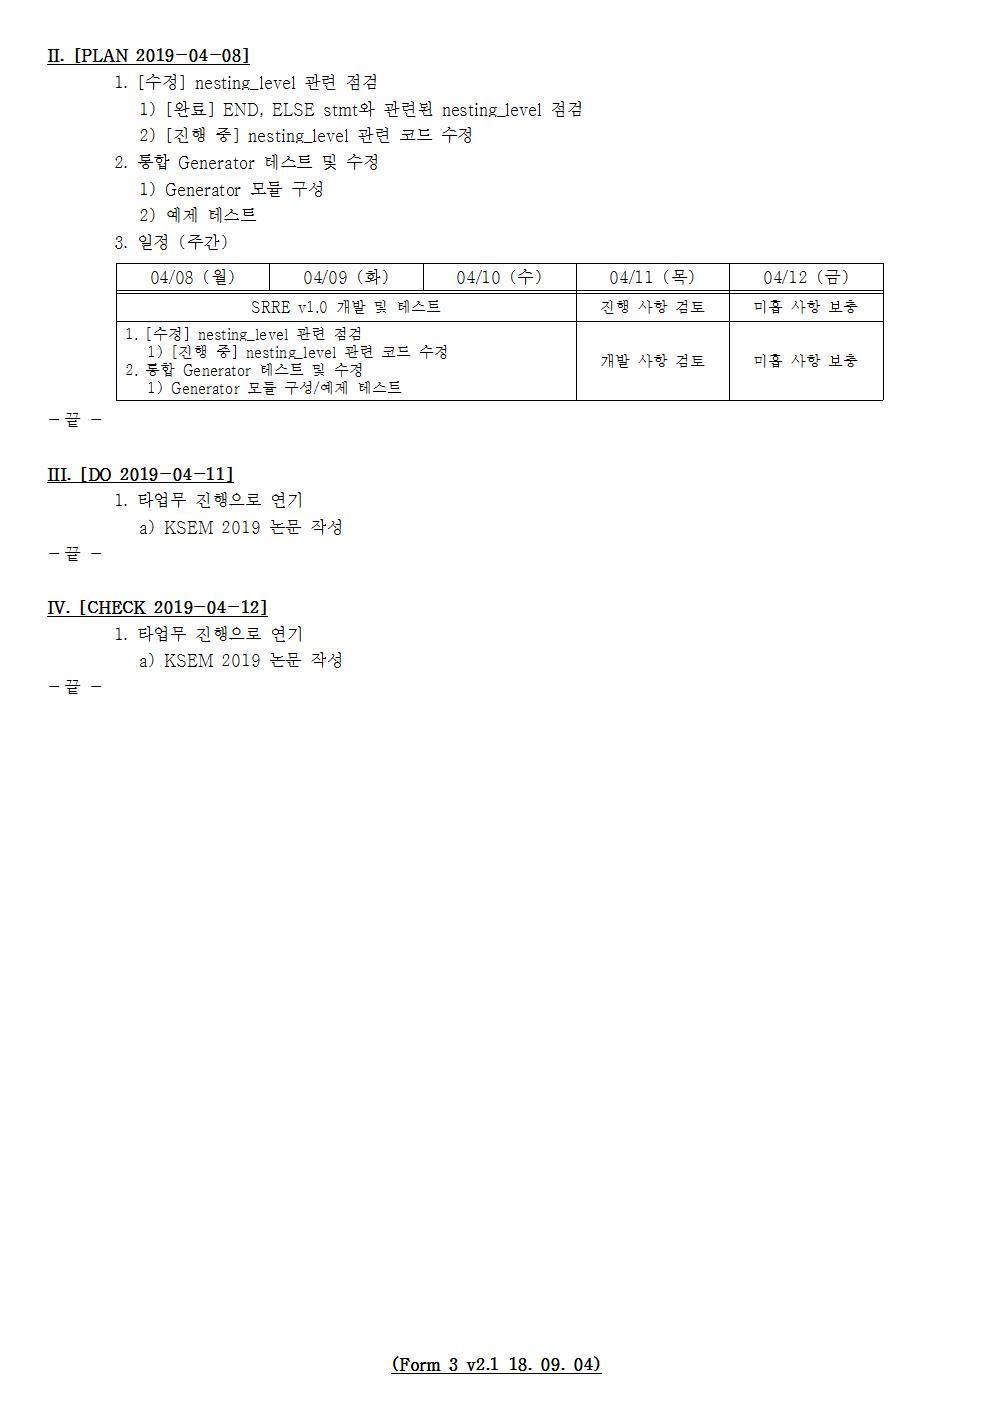 D-[19-003-RD-03]-[Tool-SRRE-1.X]-[2019-04-12][JS]002.jpg